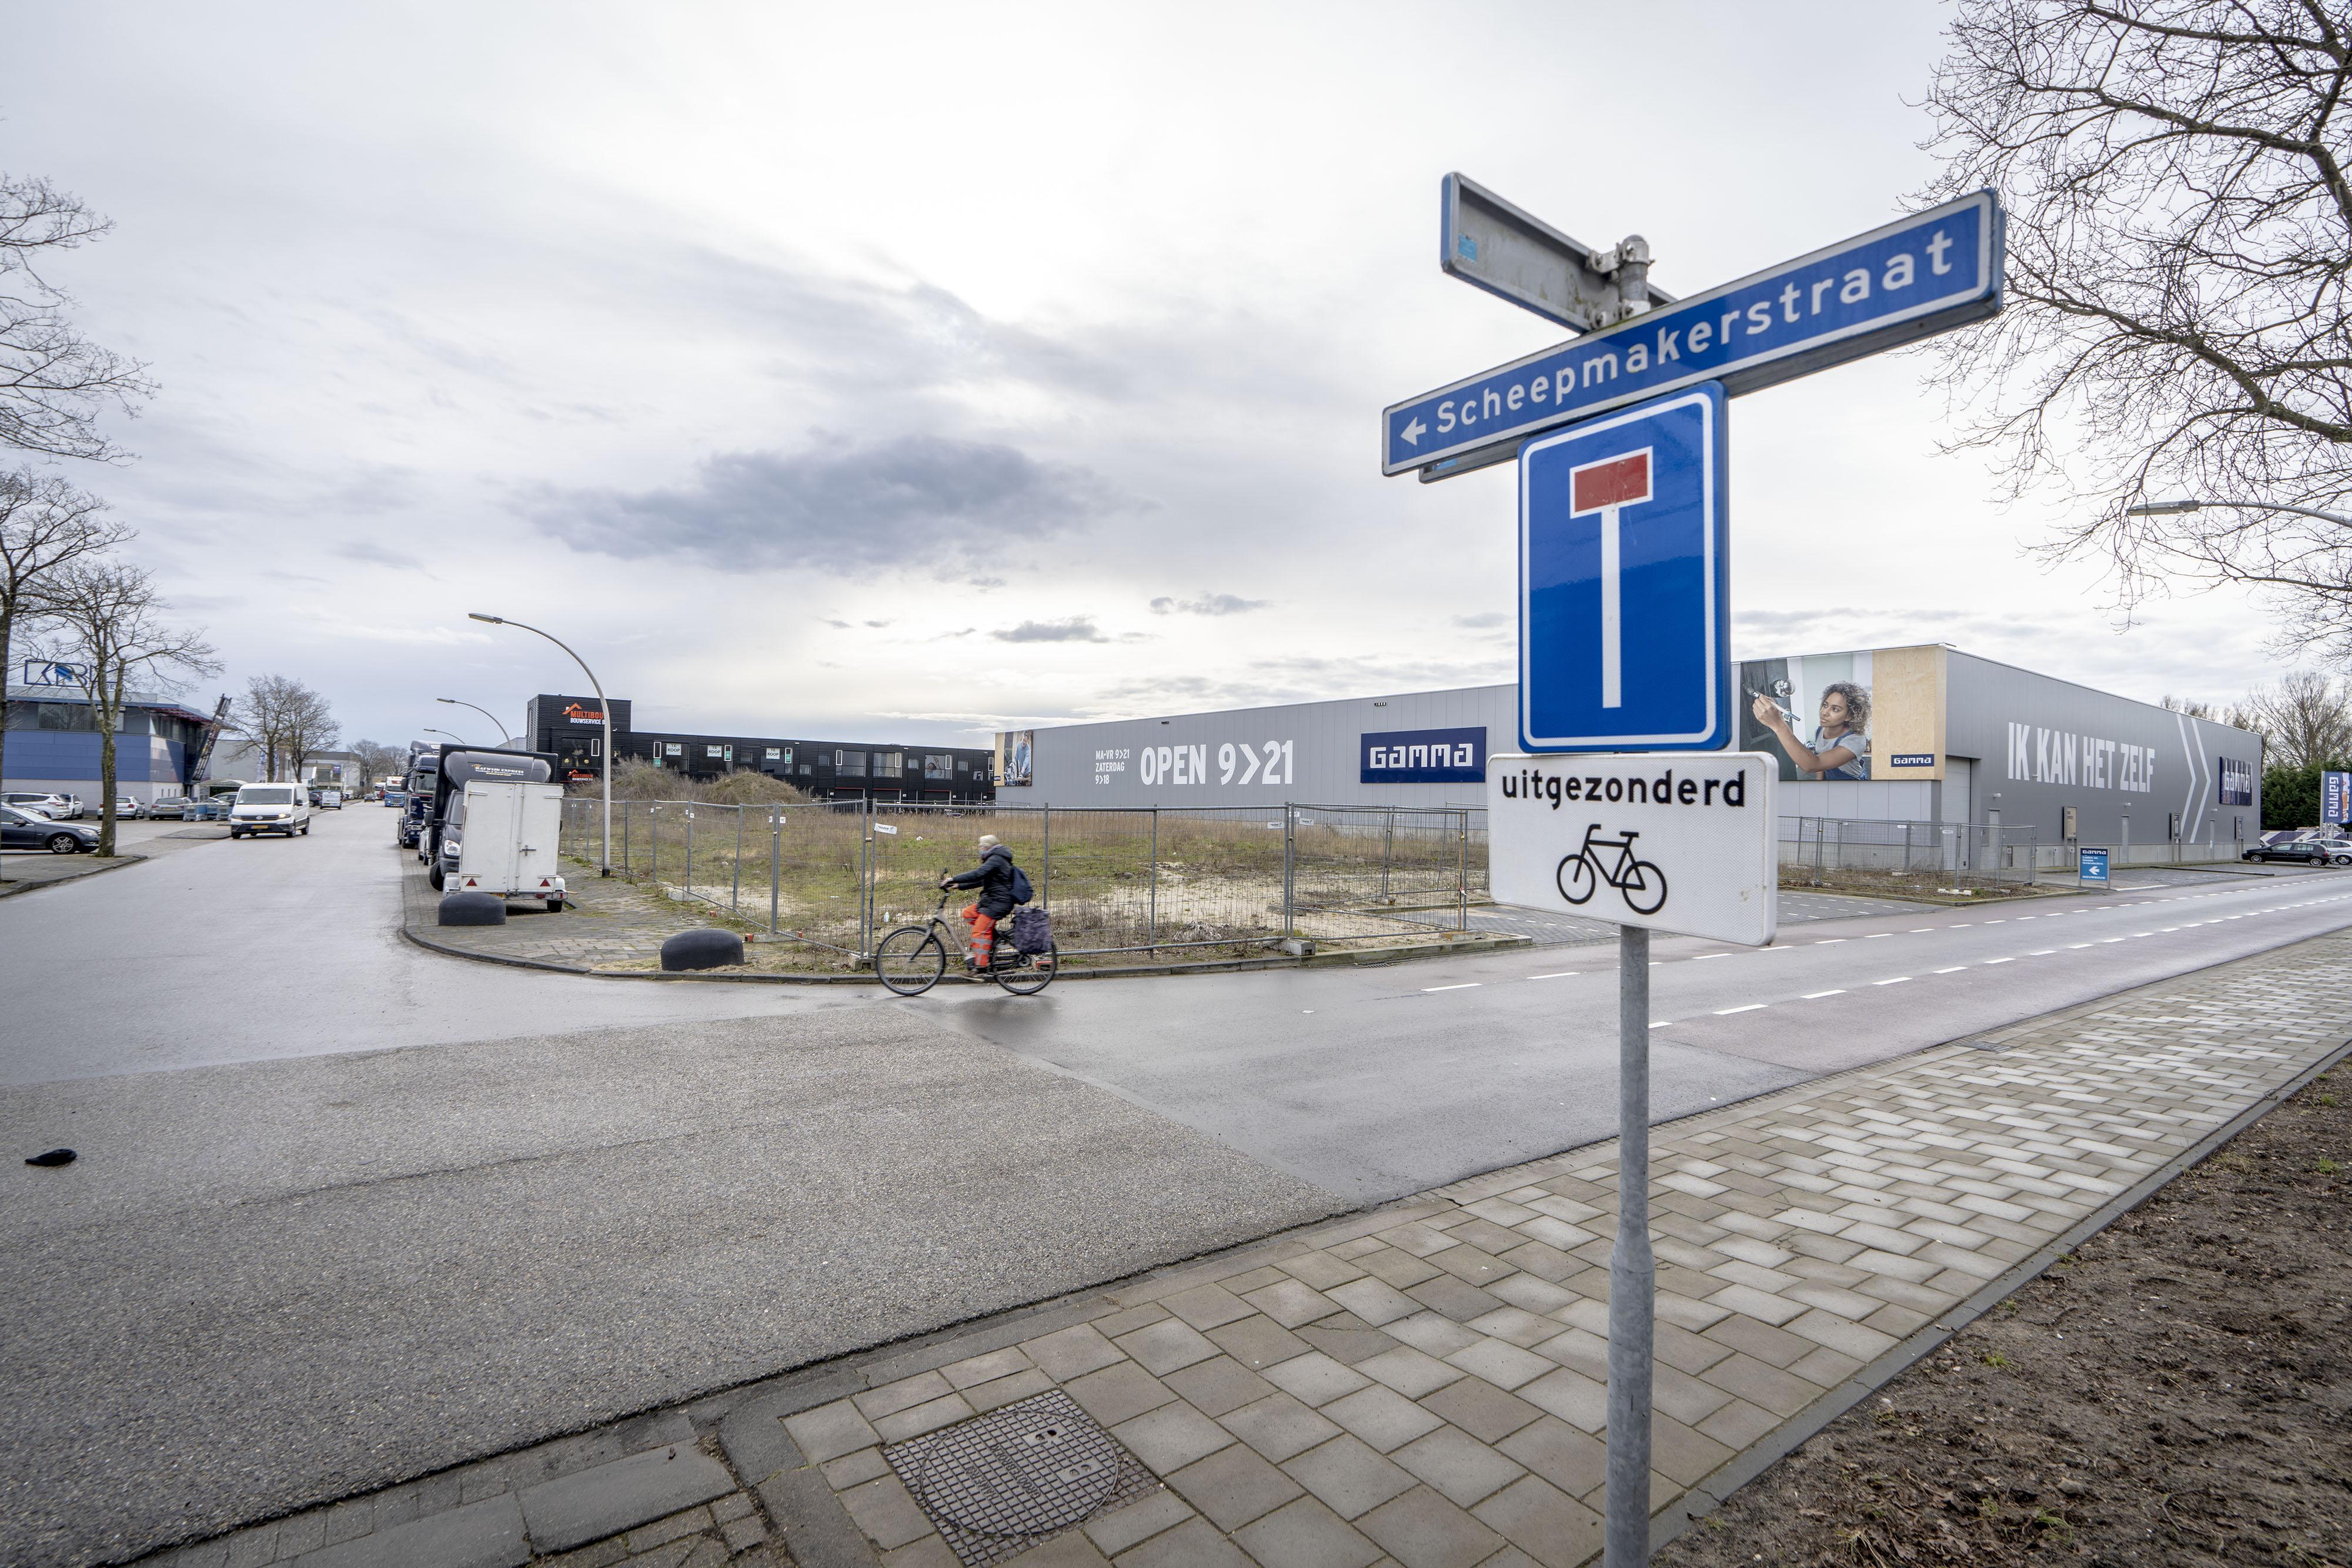 Hamburgerketen McDonald's overdonderd door Katwijkse afwijzing: 'Na jarenlang overleg heeft dit besluit ons verrast'